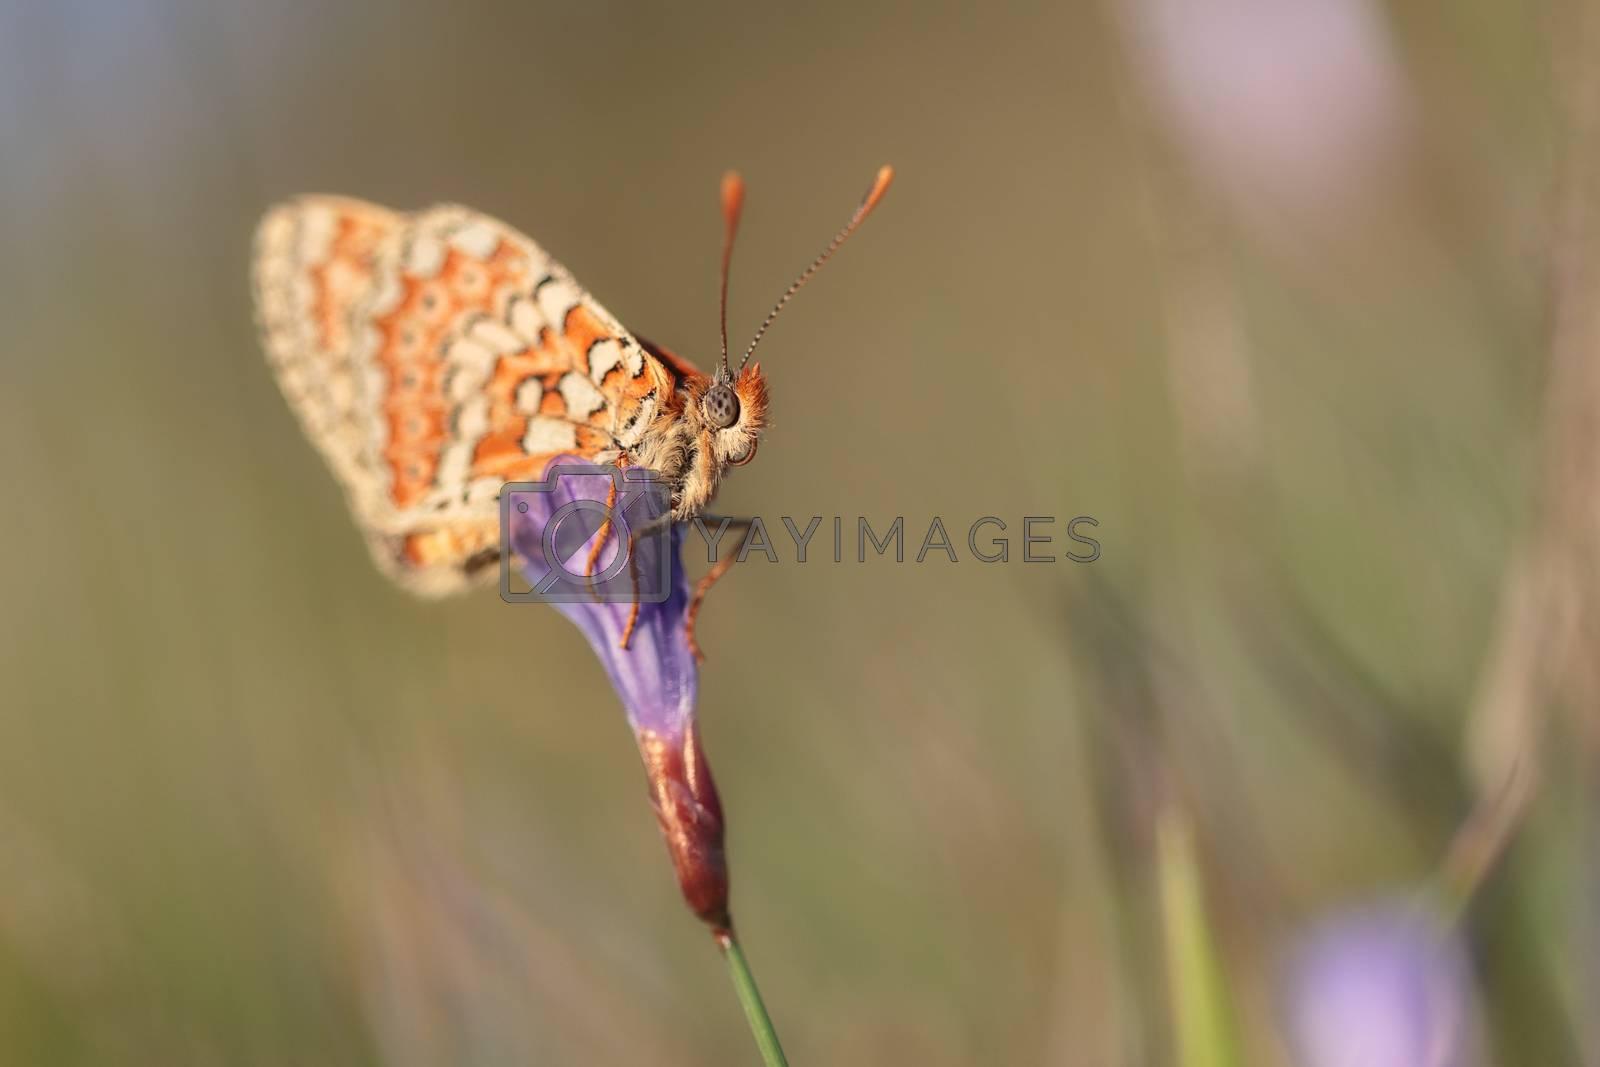 Sleeping butterfly standing in a flower